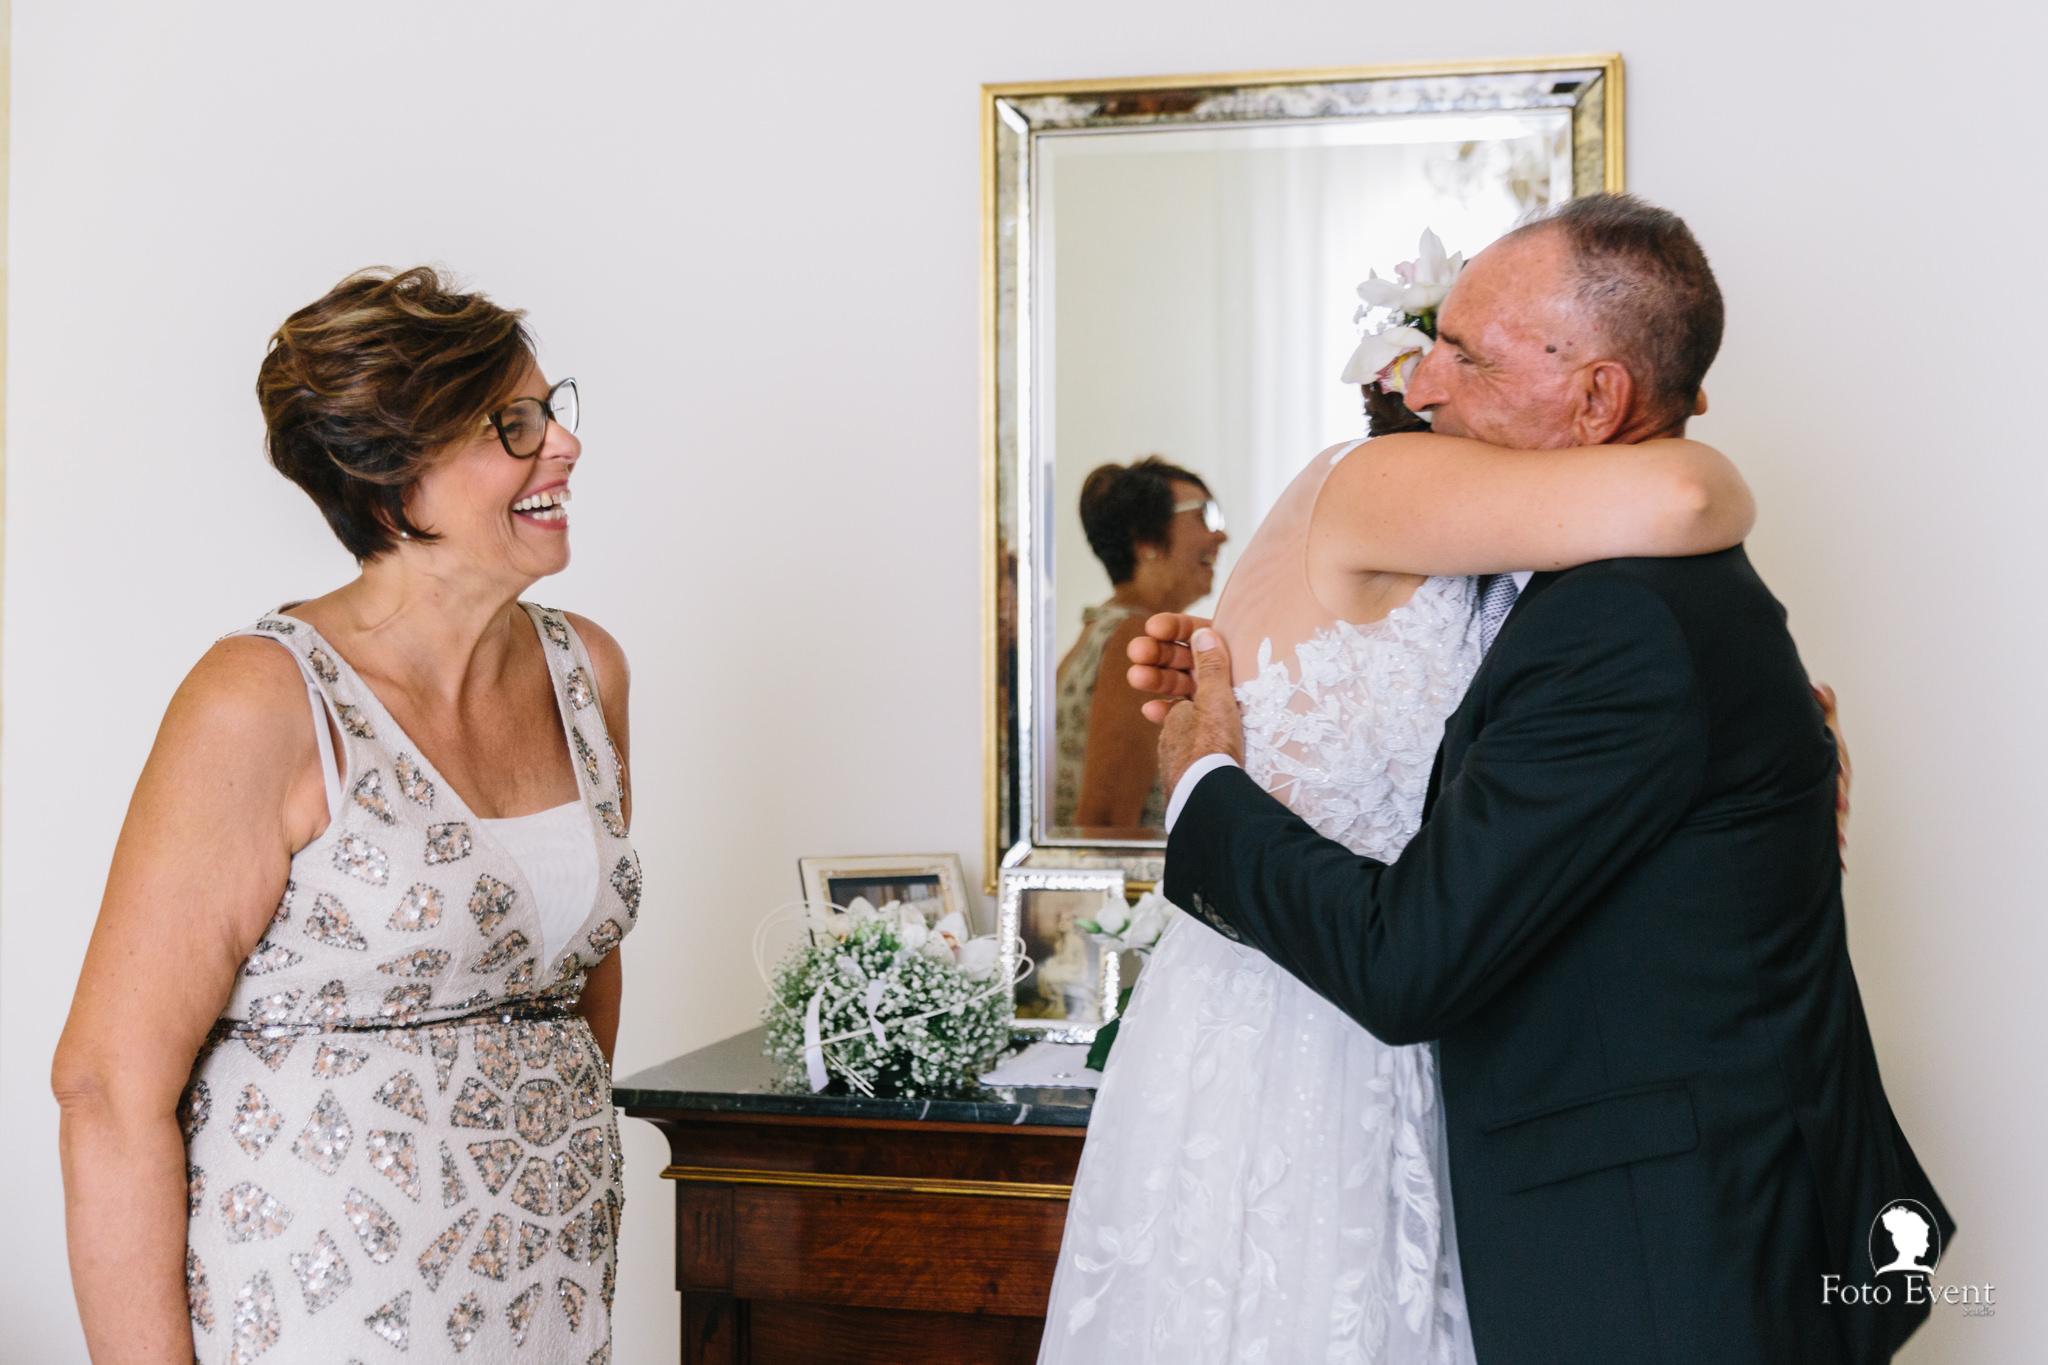 015-2019-09-09-Matrimonio-Dorotea-e-Alberto-Iemmolo-5DE-306